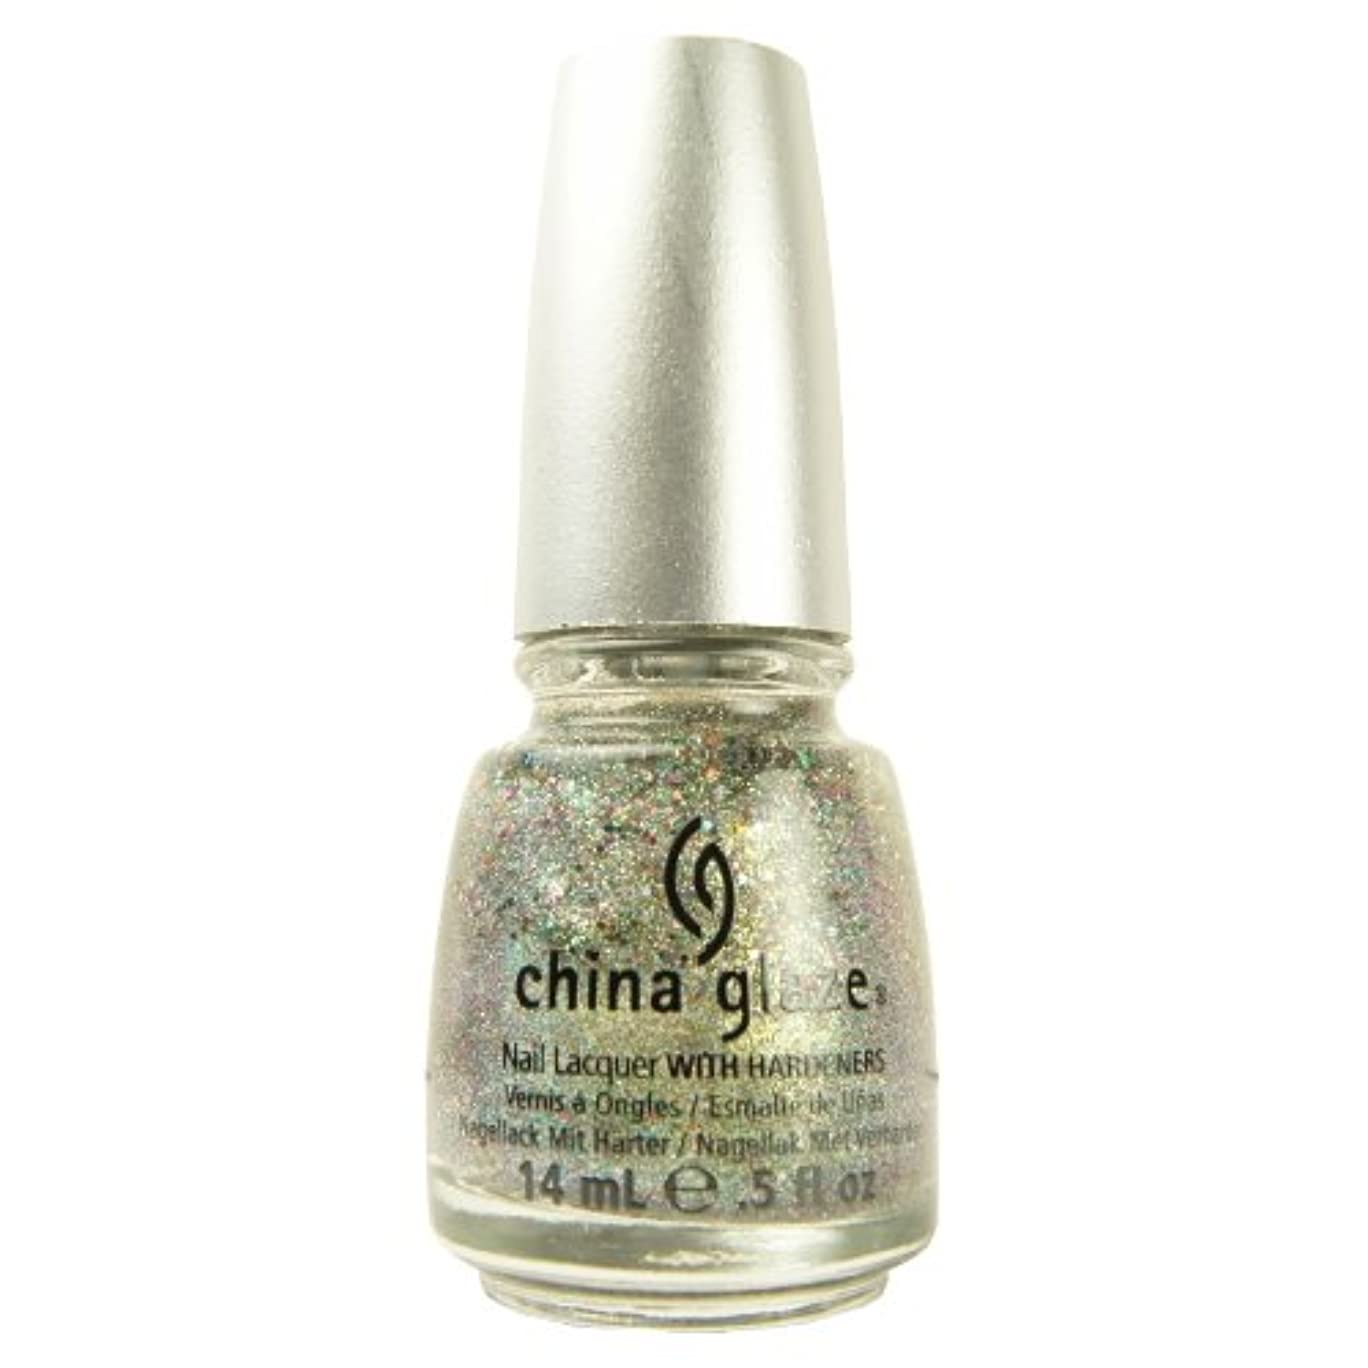 後退する歯科医ロマンチック(6 Pack) CHINA GLAZE Glitter Nail Lacquer with Nail Hardner - Ray-Diant (DC) (並行輸入品)